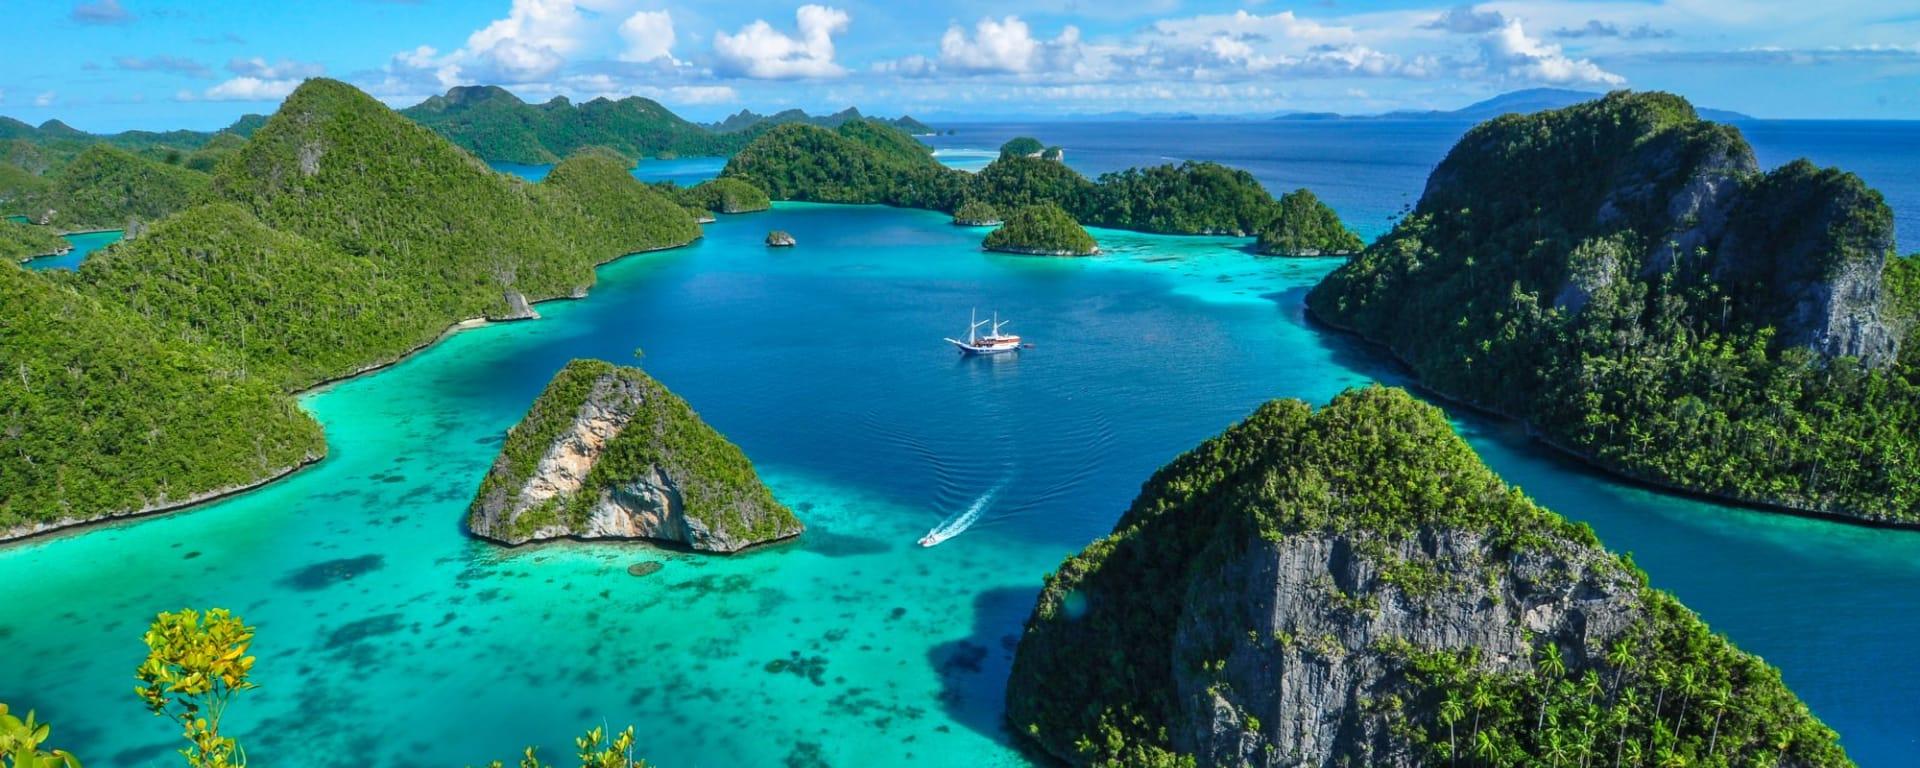 Wissenswertes zu Indonesien Reisen und Ferien: Raja Ampat